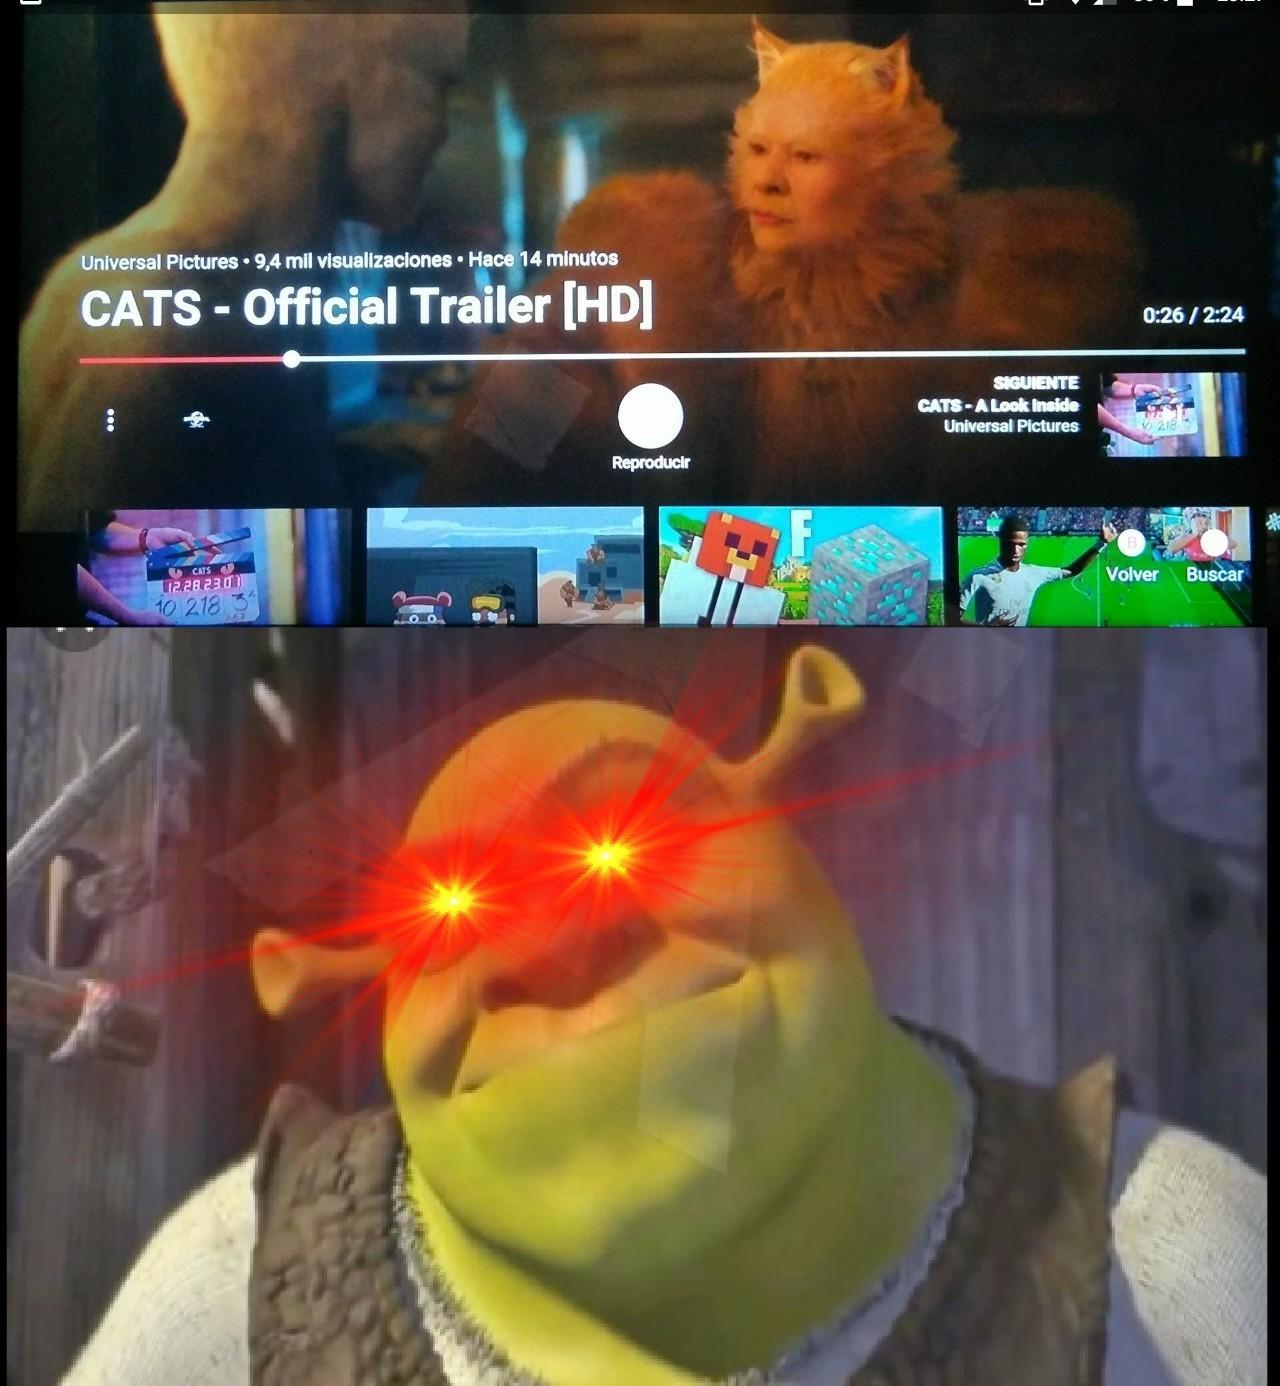 Yeh? Shrek? vieni qui per favore - meme